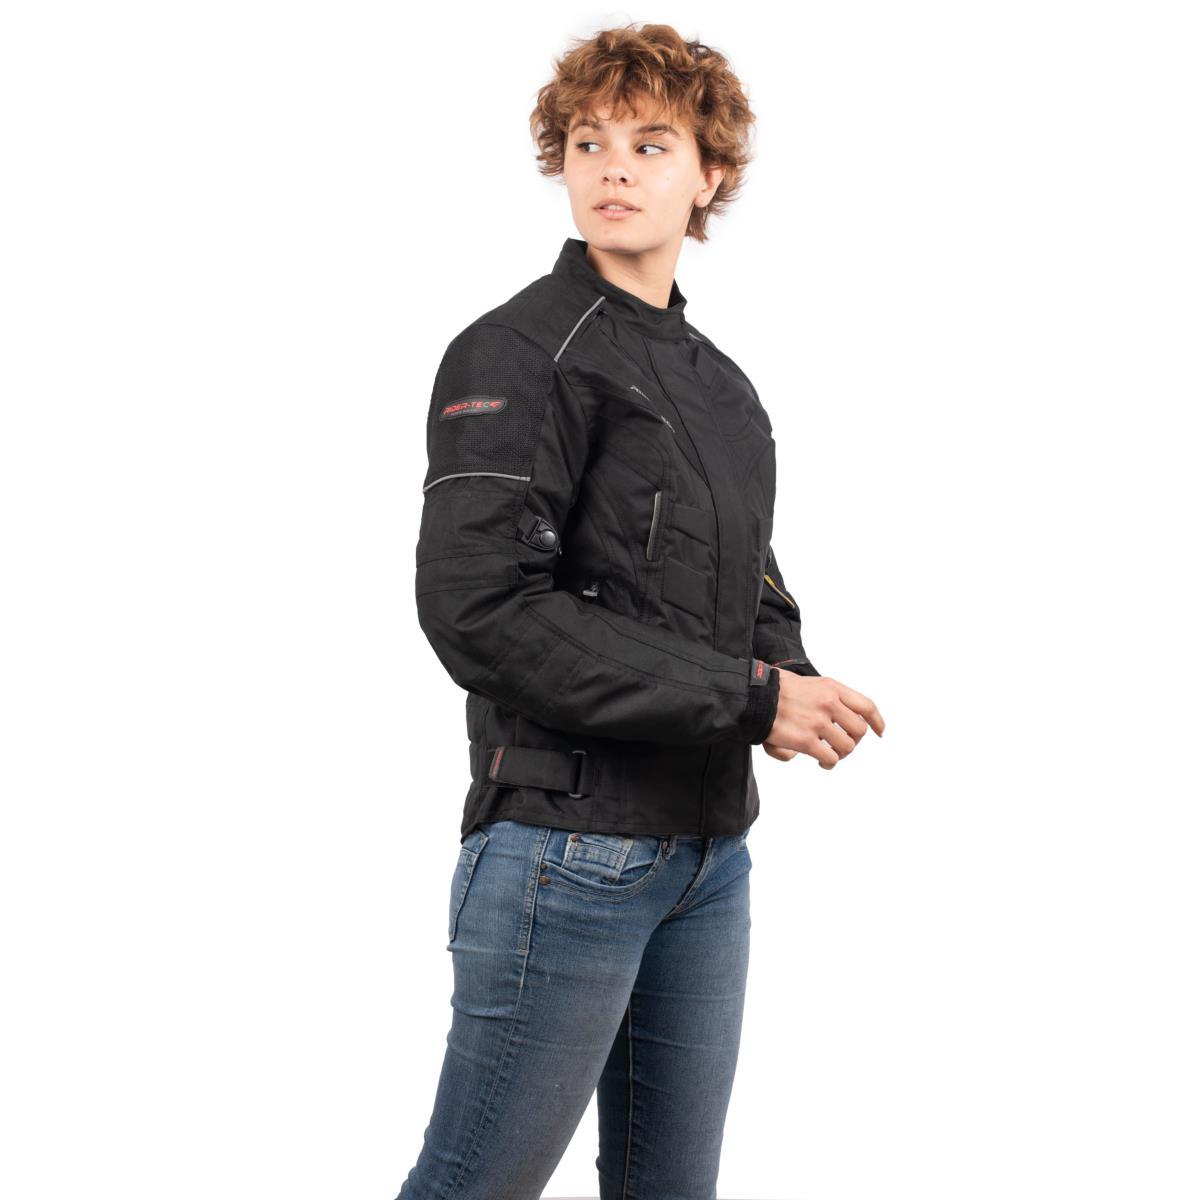 Blouson de Moto Femme Urban Lady Rider-Tec Textile Noir